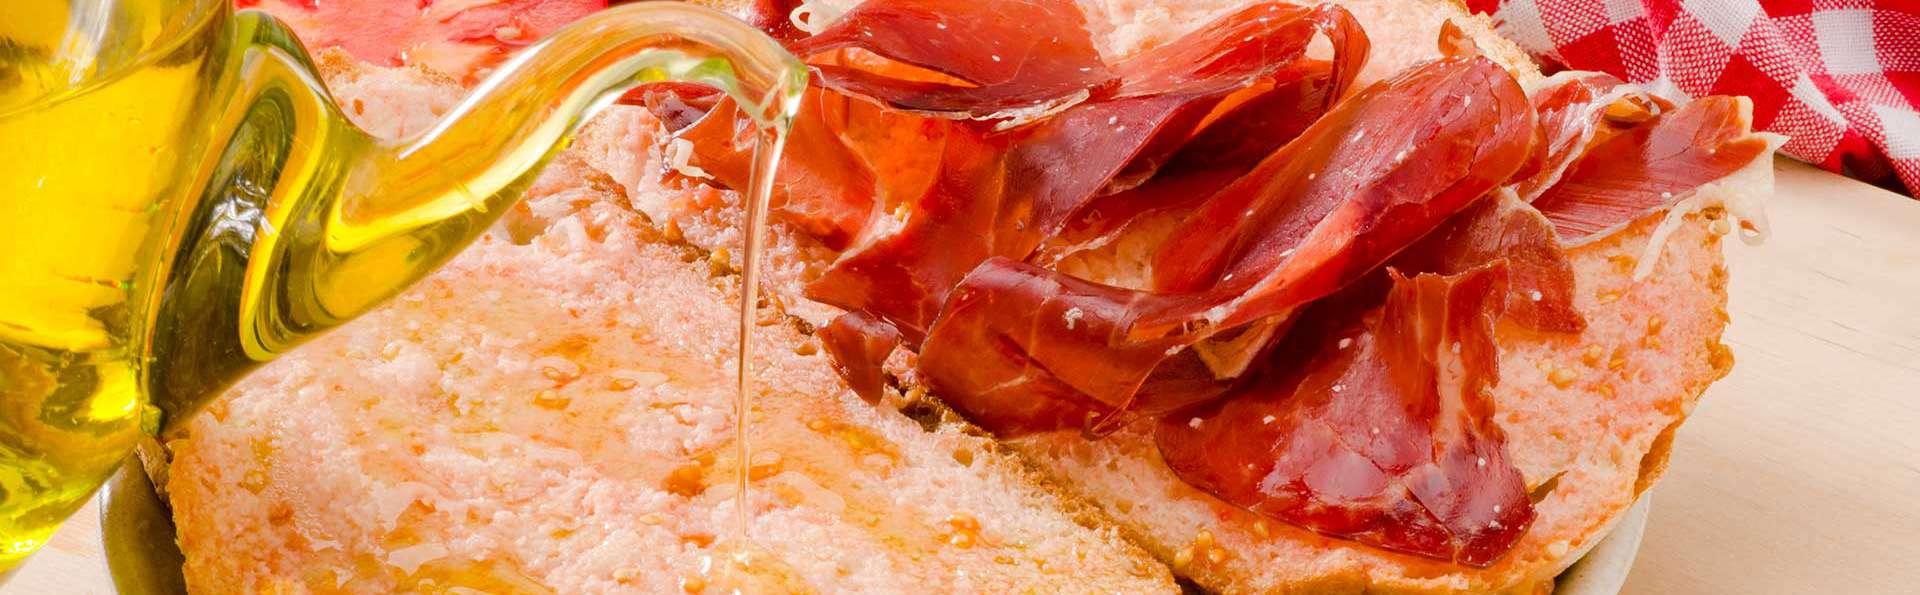 Romantisme et gastronomie dans la campagne catalane à une demi-heure de Tarragone